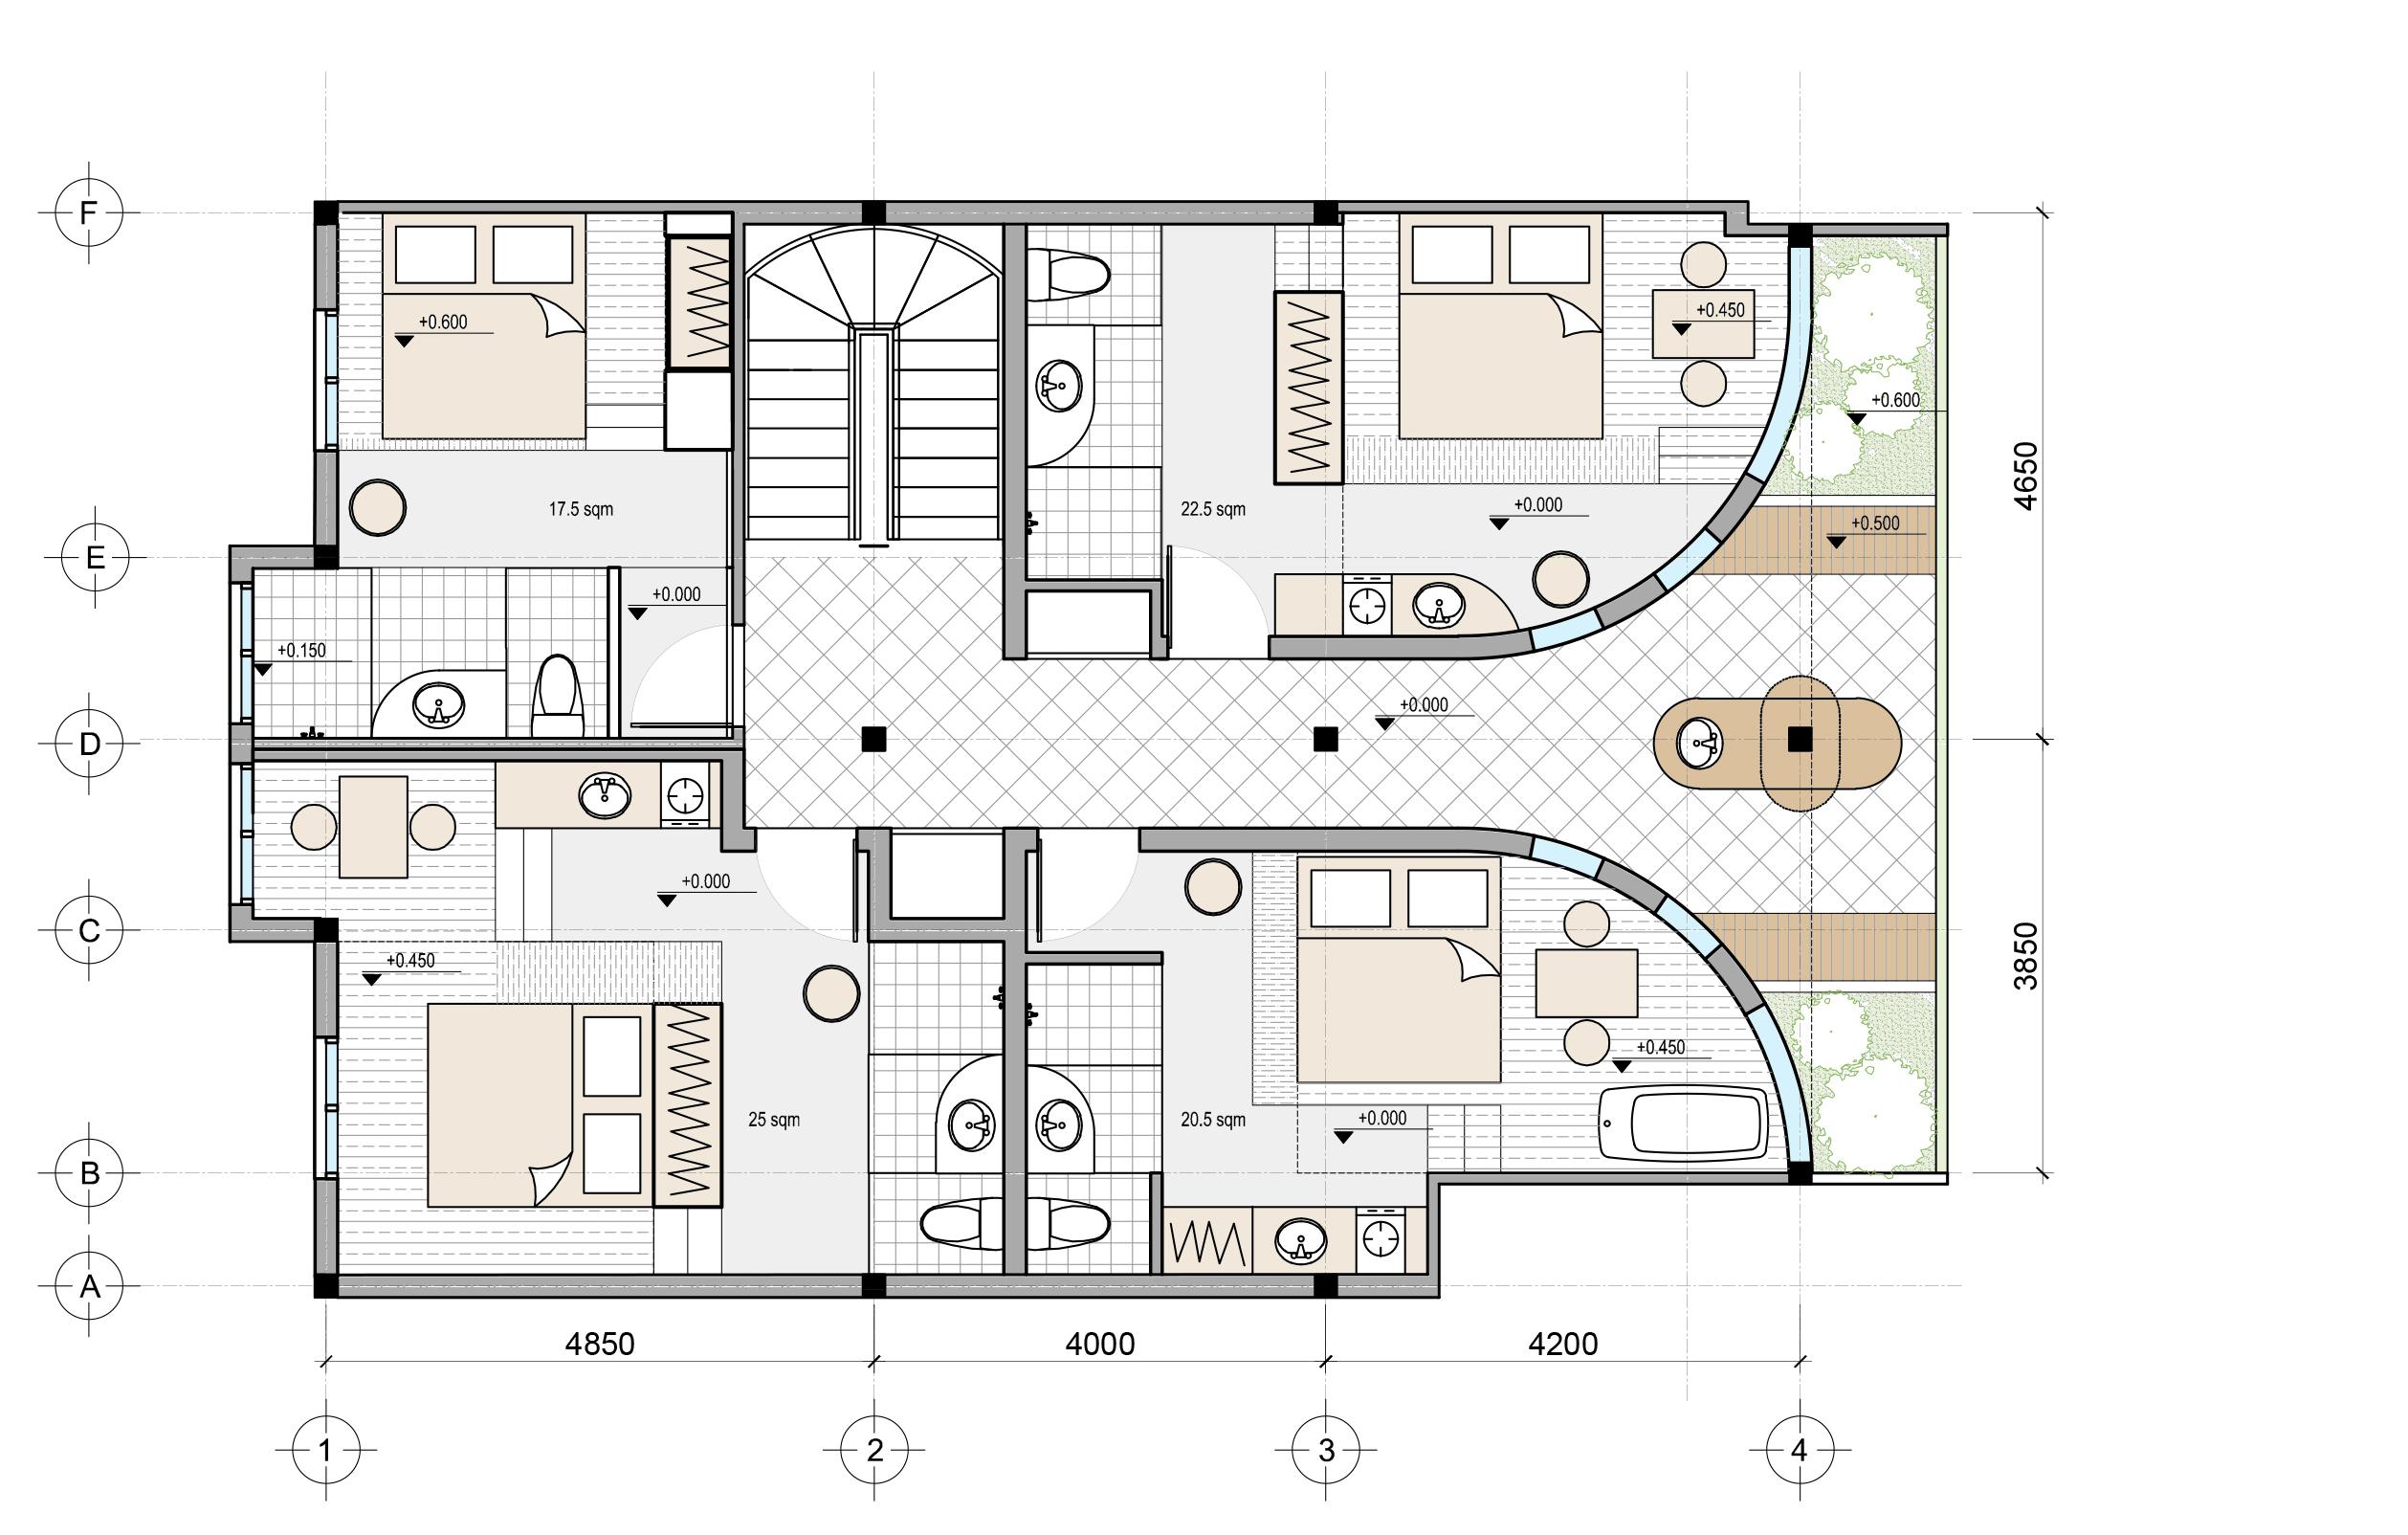 AirBnB Floor Plan . 4 Suites